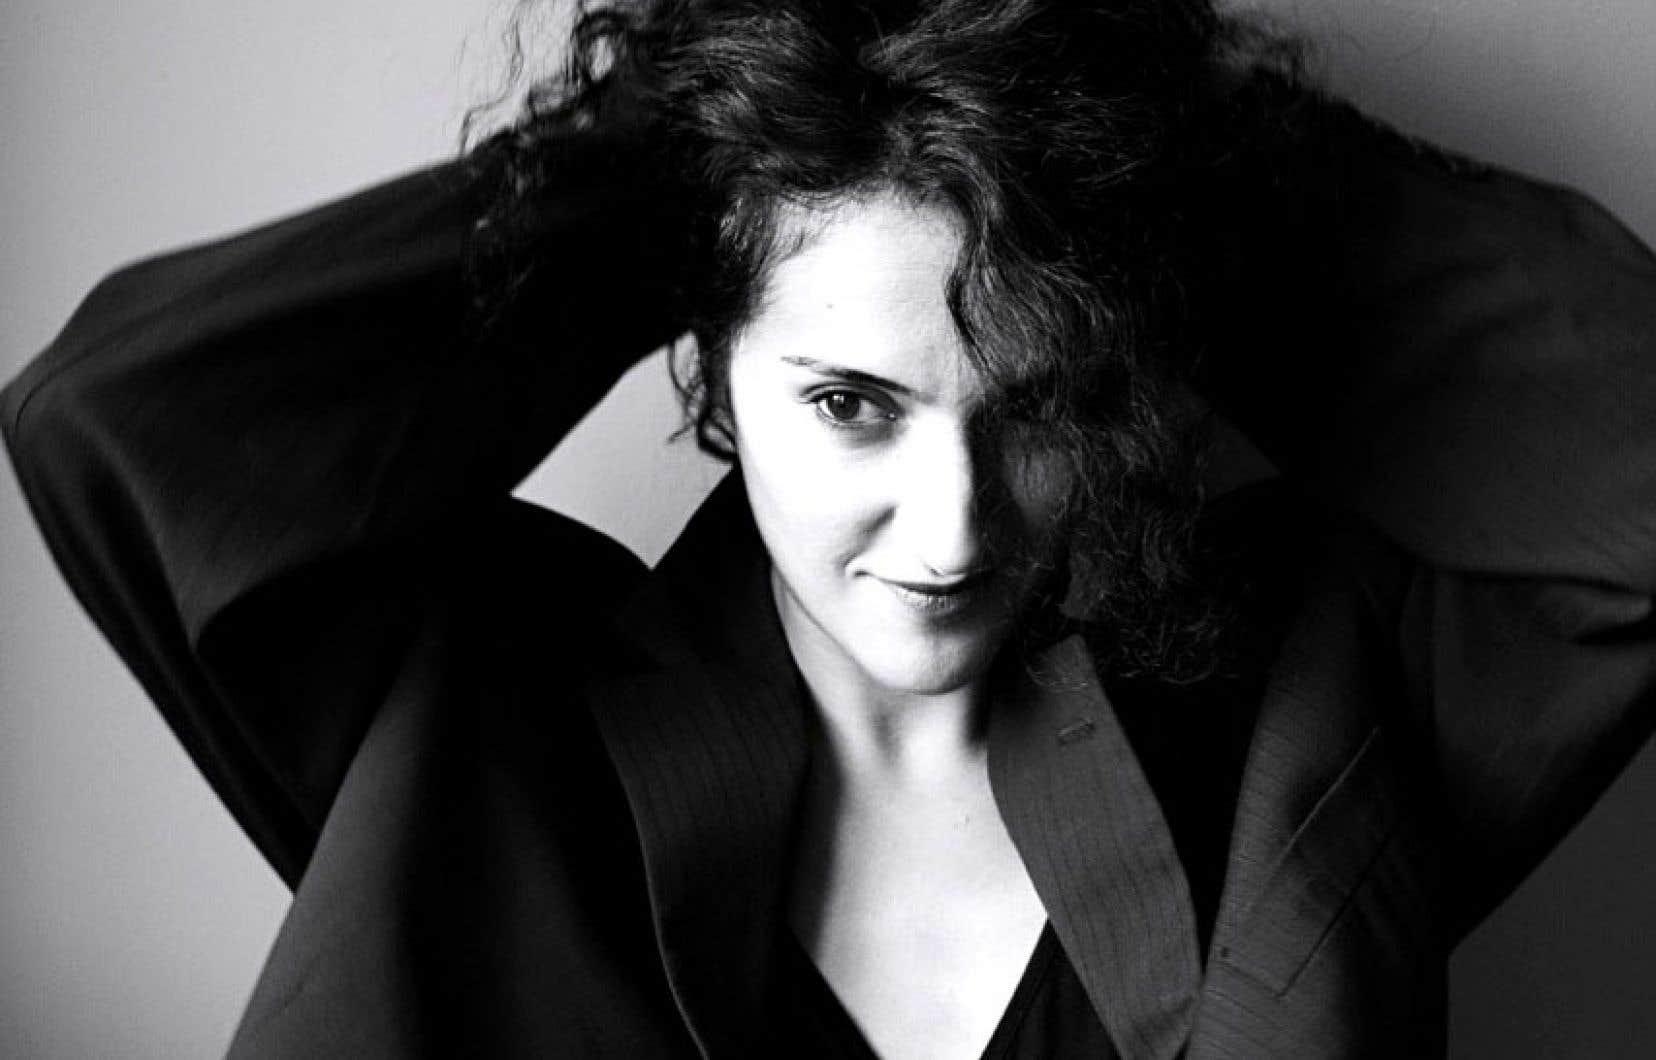 L'auteure franco-iranienne Maryam Madjidi met en mots une quête identitaire.